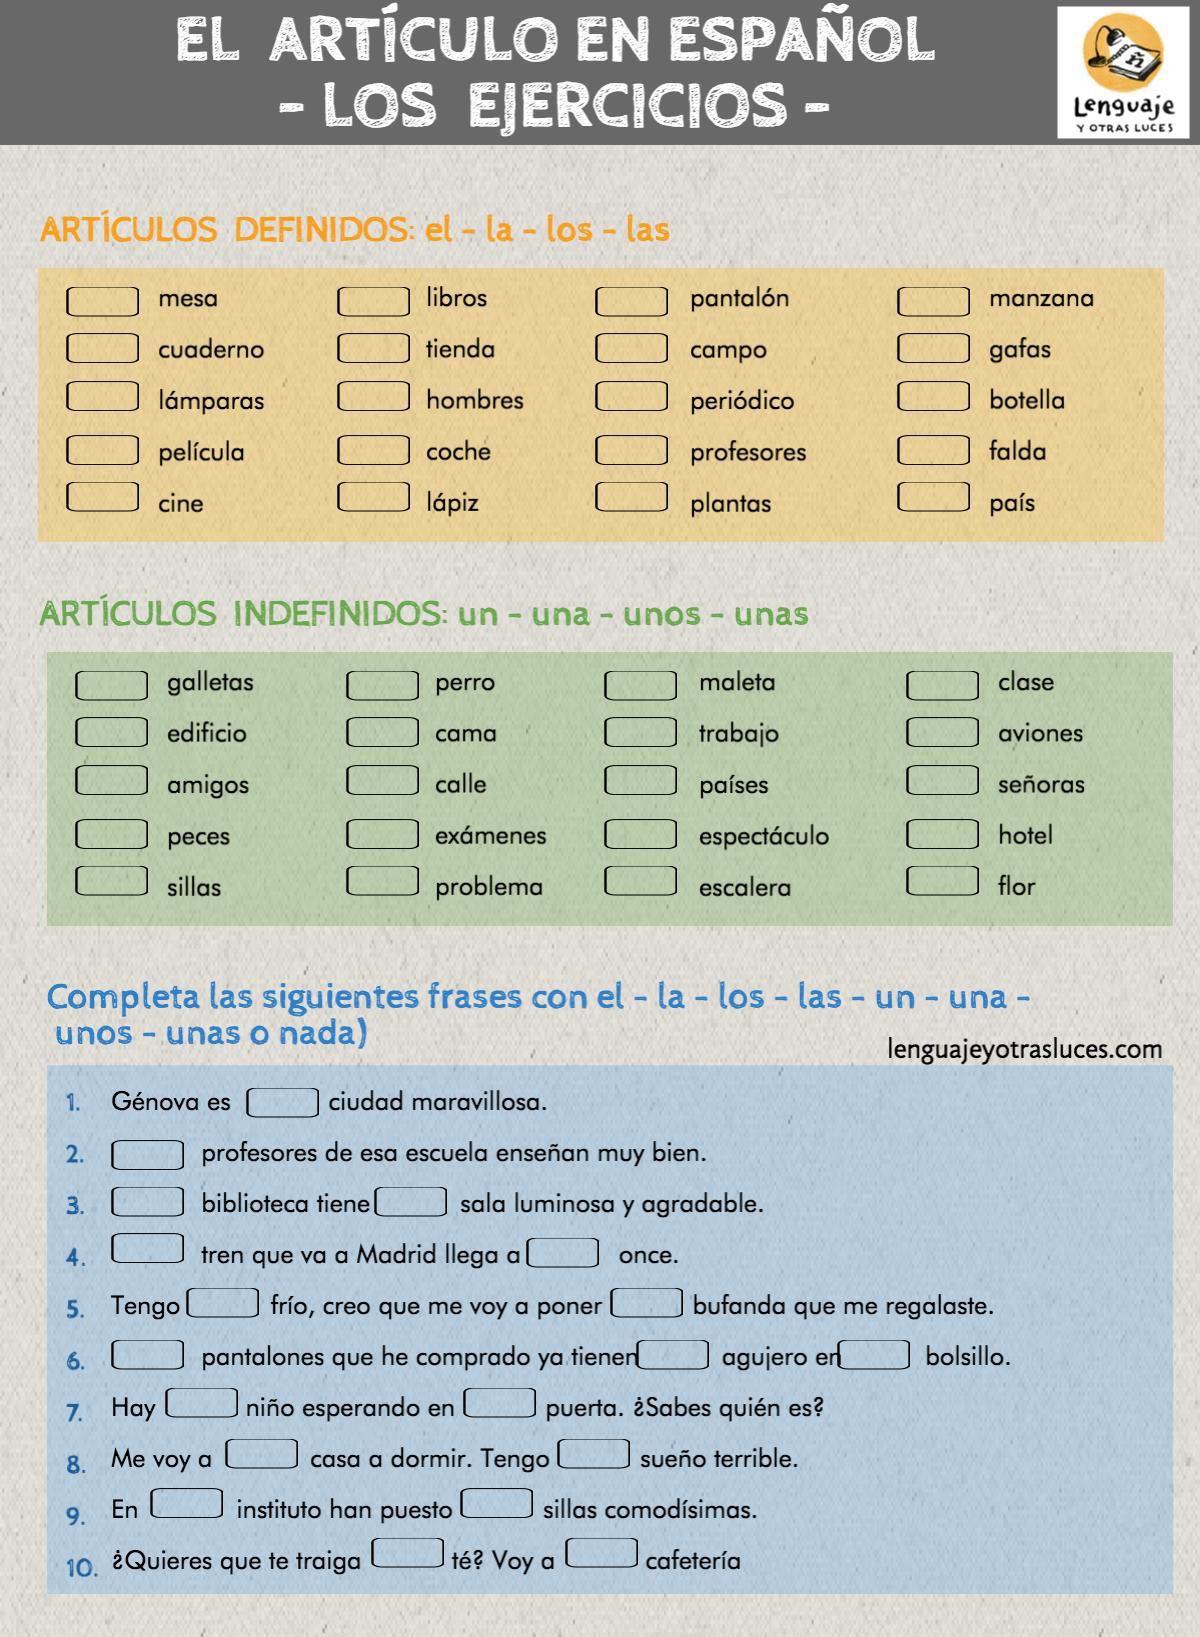 Ejercicios Articulo En Espanol